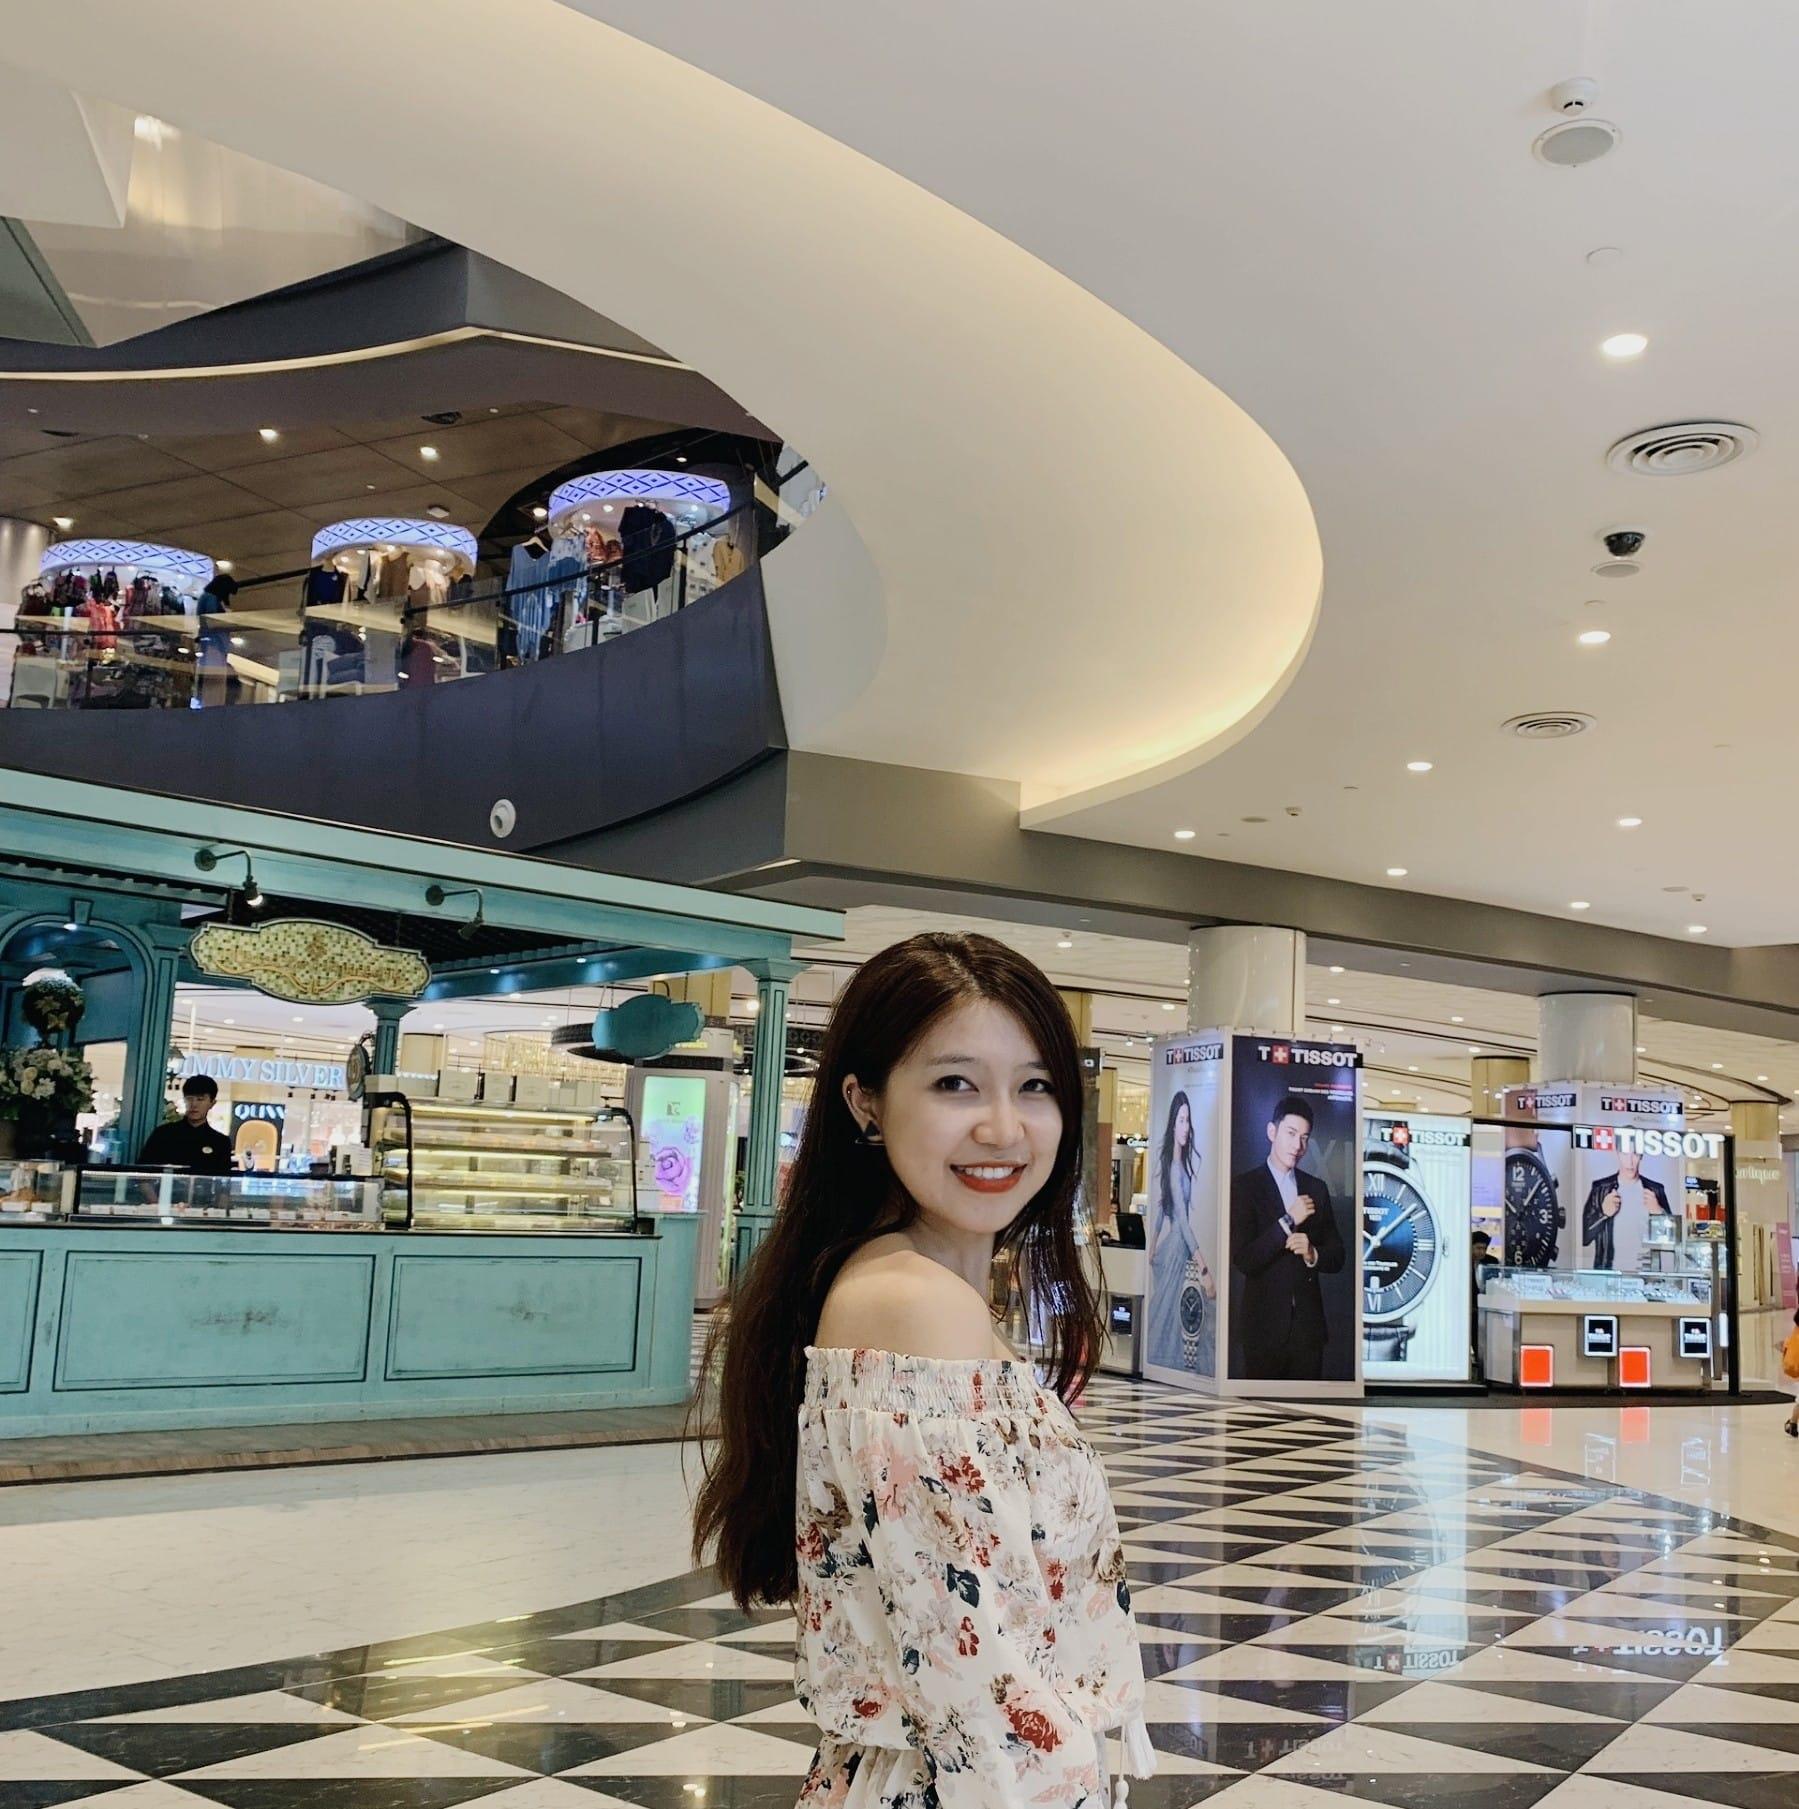 Cô nàng Đỗ Phương Chi sinh năm 1995, hiện làm tại FHN.FHS, đơn vị chuyên trách giải pháp sức khỏe.